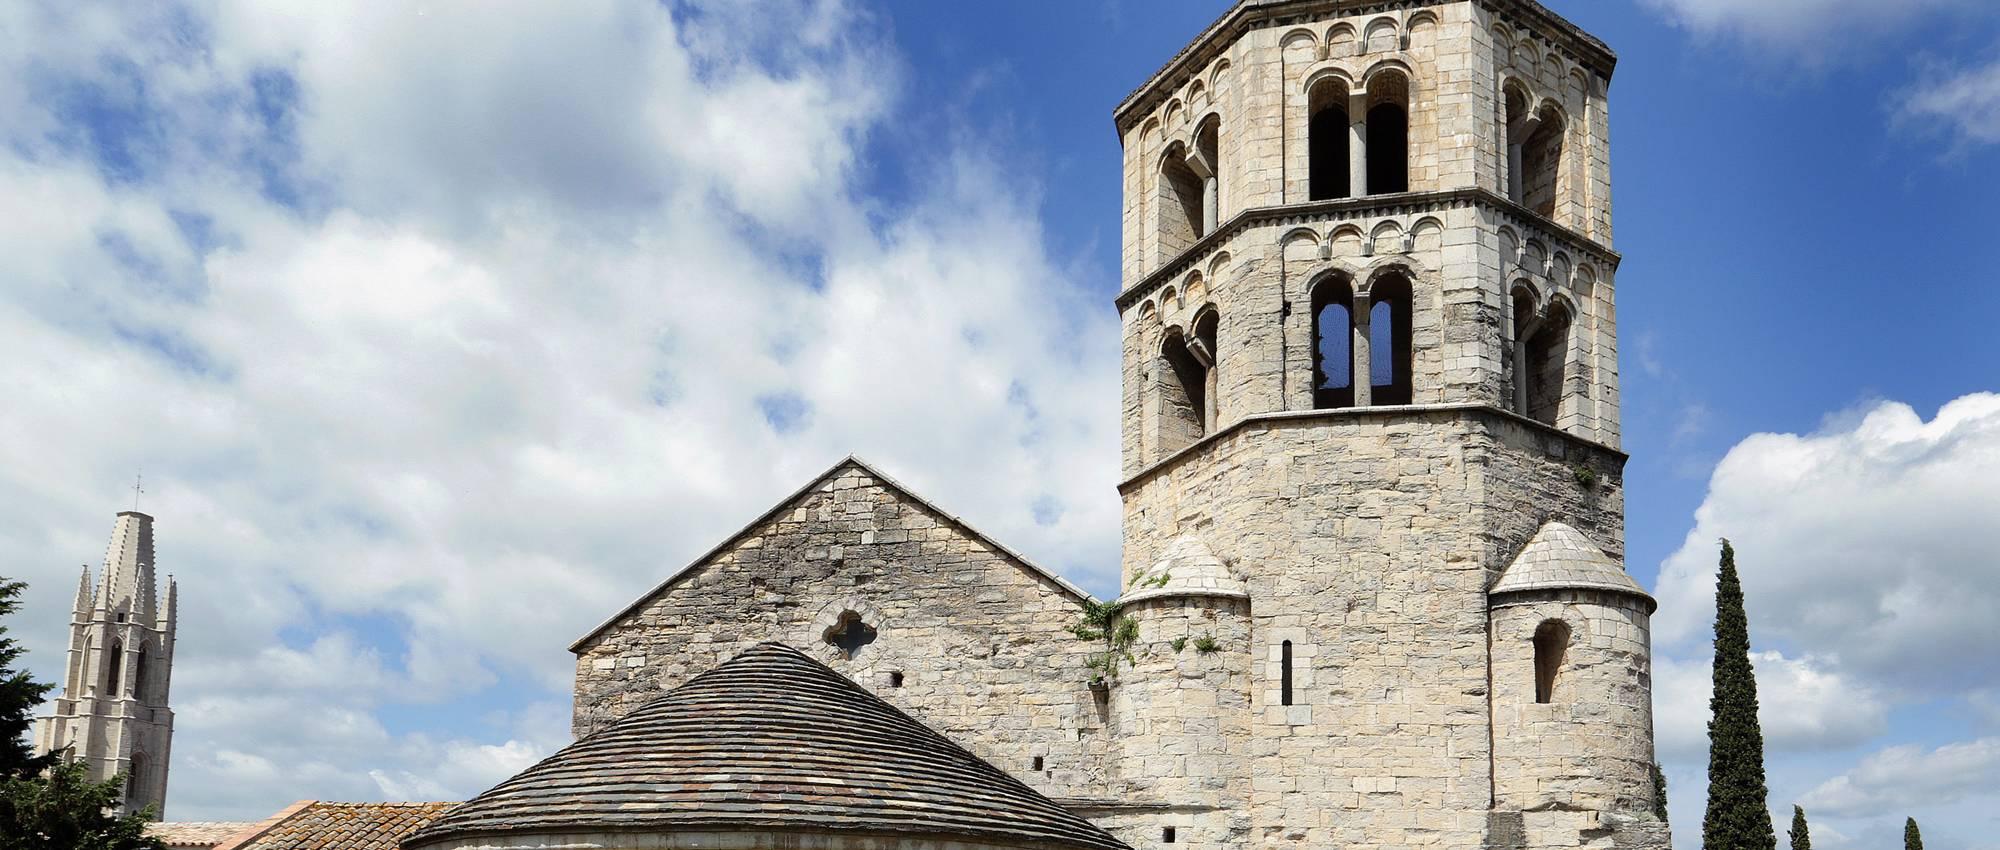 Església de Sant Pere de Galligants. Jordi Play / DGPC